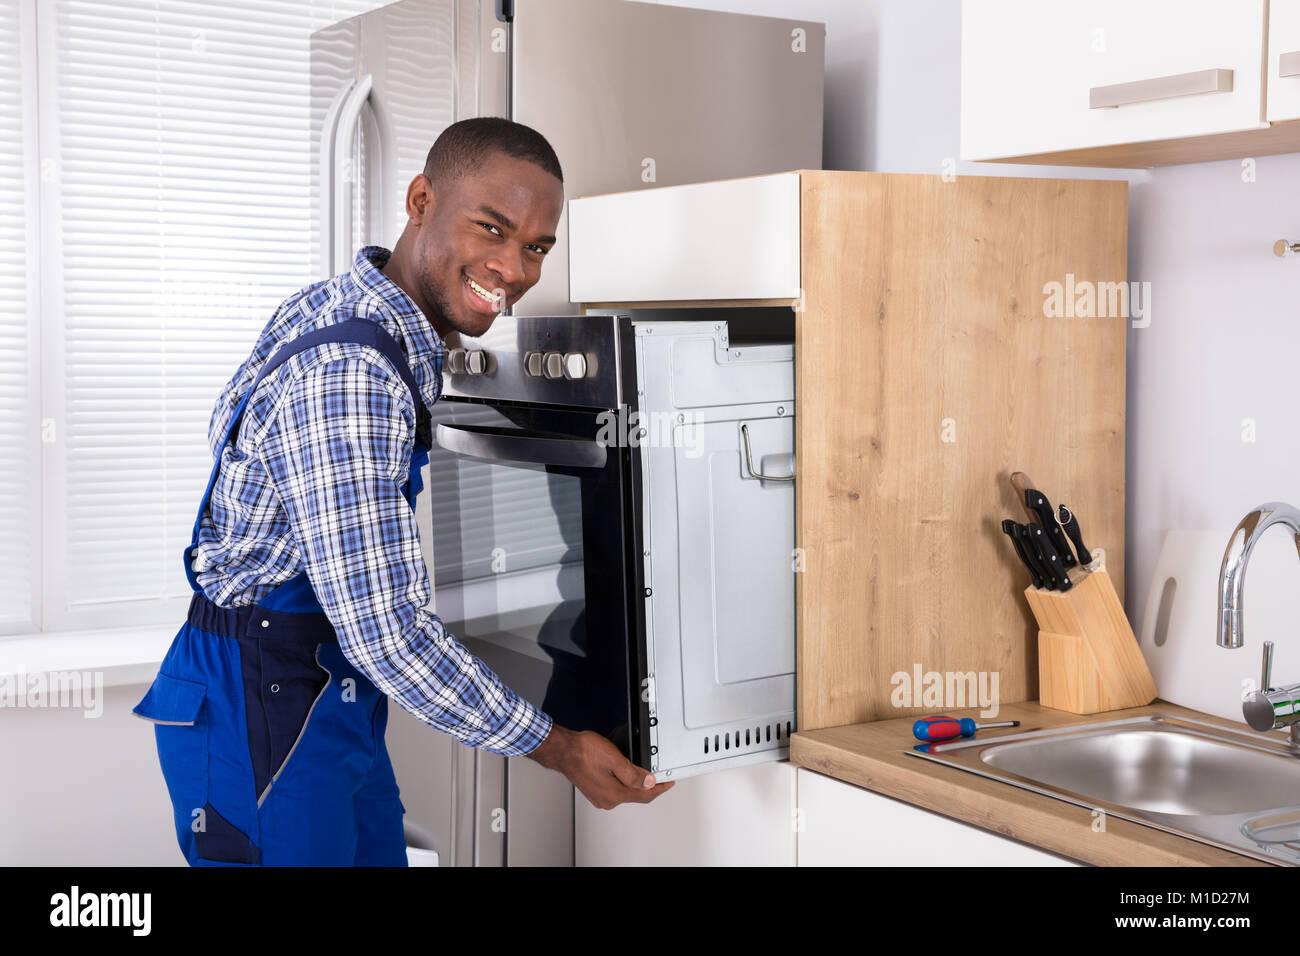 Maschio tecnico africani in generale l'installazione di forno in cucina Immagini Stock